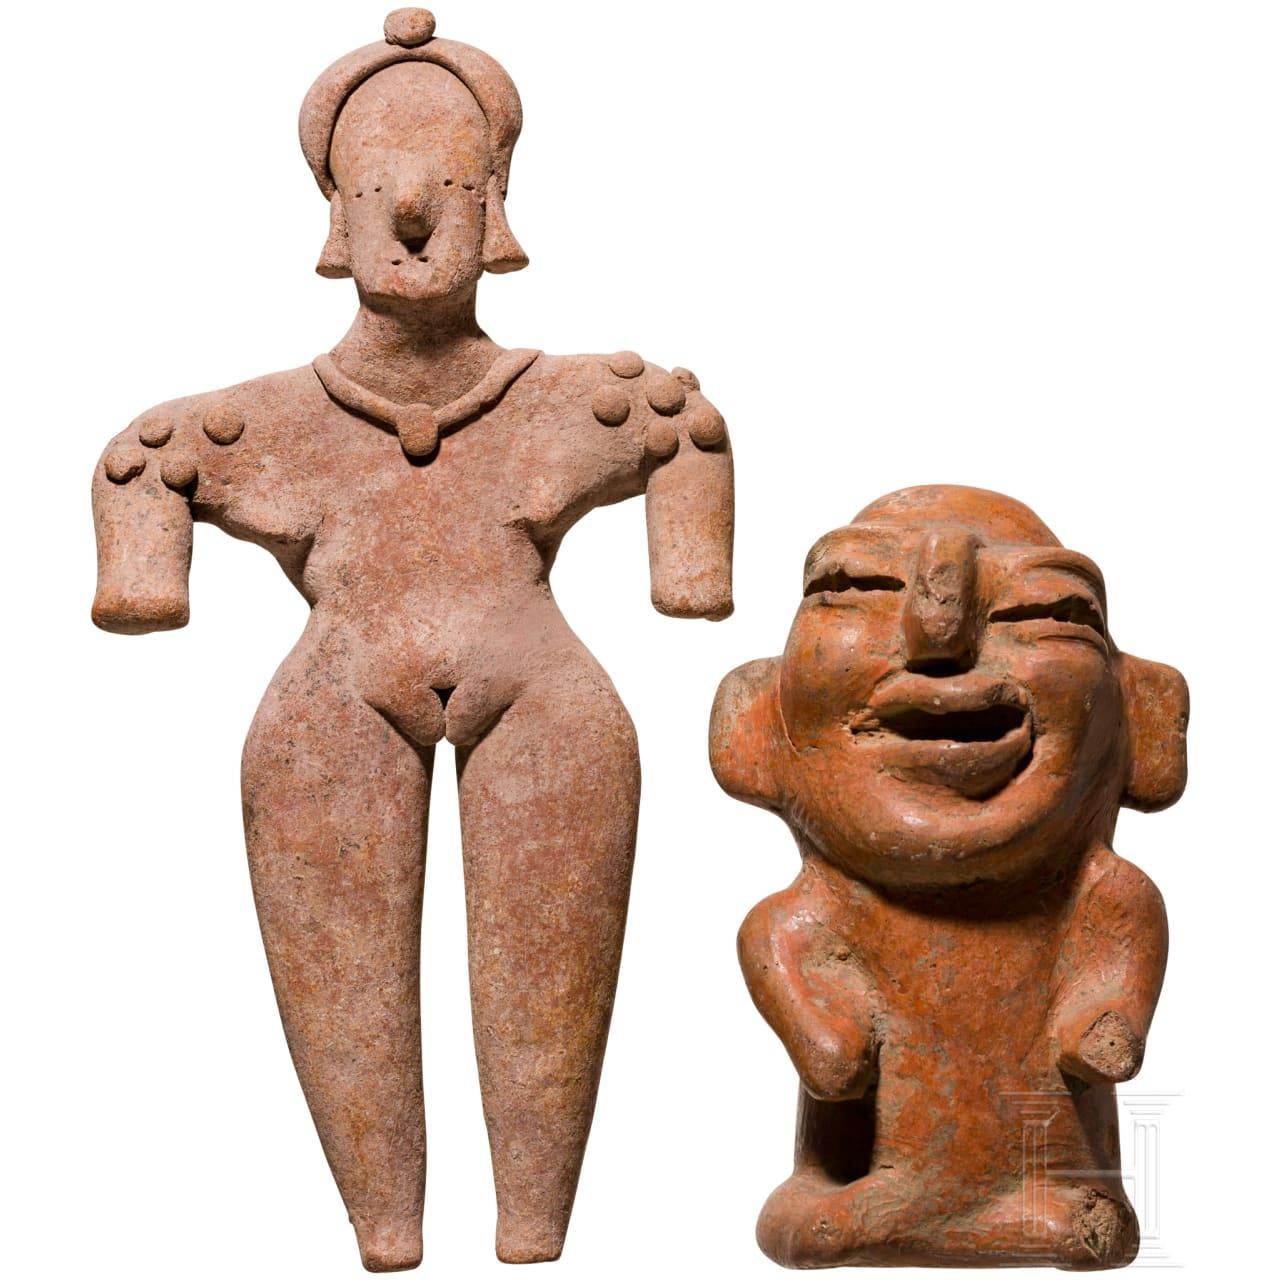 Weibliches Idol, Colima, Mexiko, 100 v. Chr. - 200 n. Chr., und eine groteske Terrakottafigur